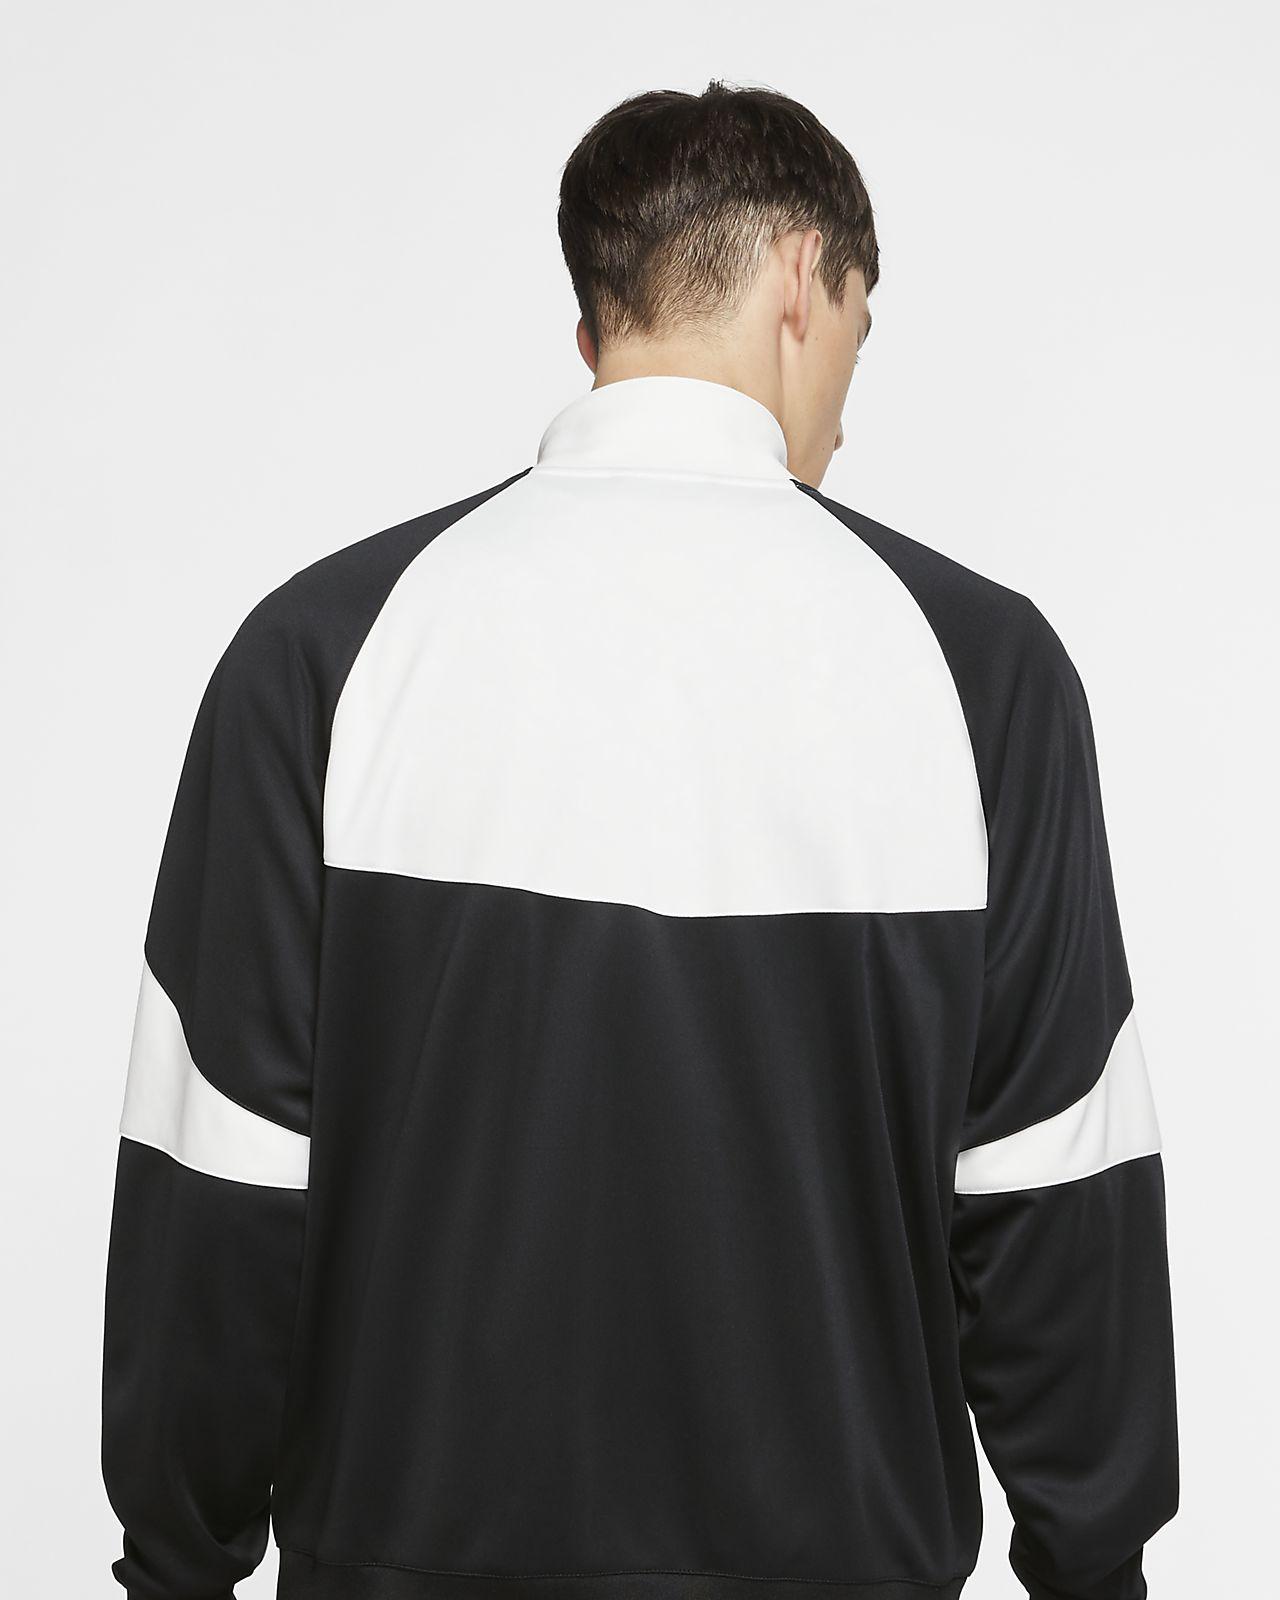 Jacket Nike Men's Men's Windrunner Windrunner Sportswear Sportswear Nike Jacket wvN8n0Om